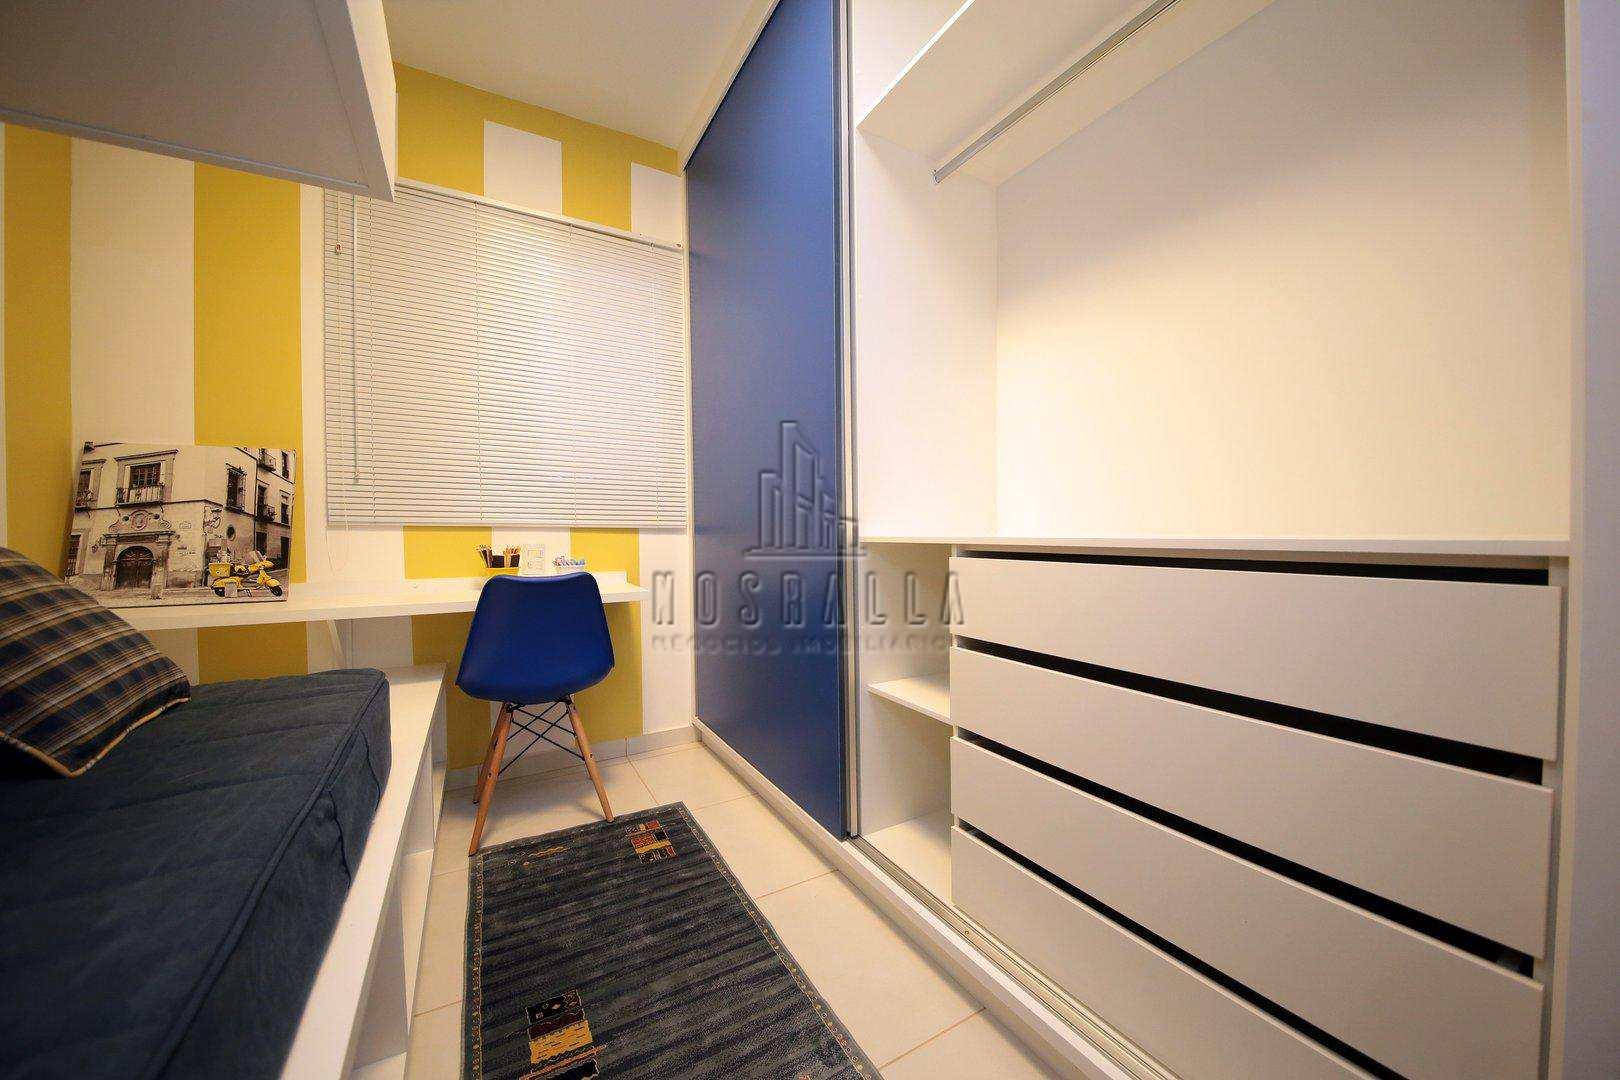 suite-decorado-1.JPG.1920x1080_q85